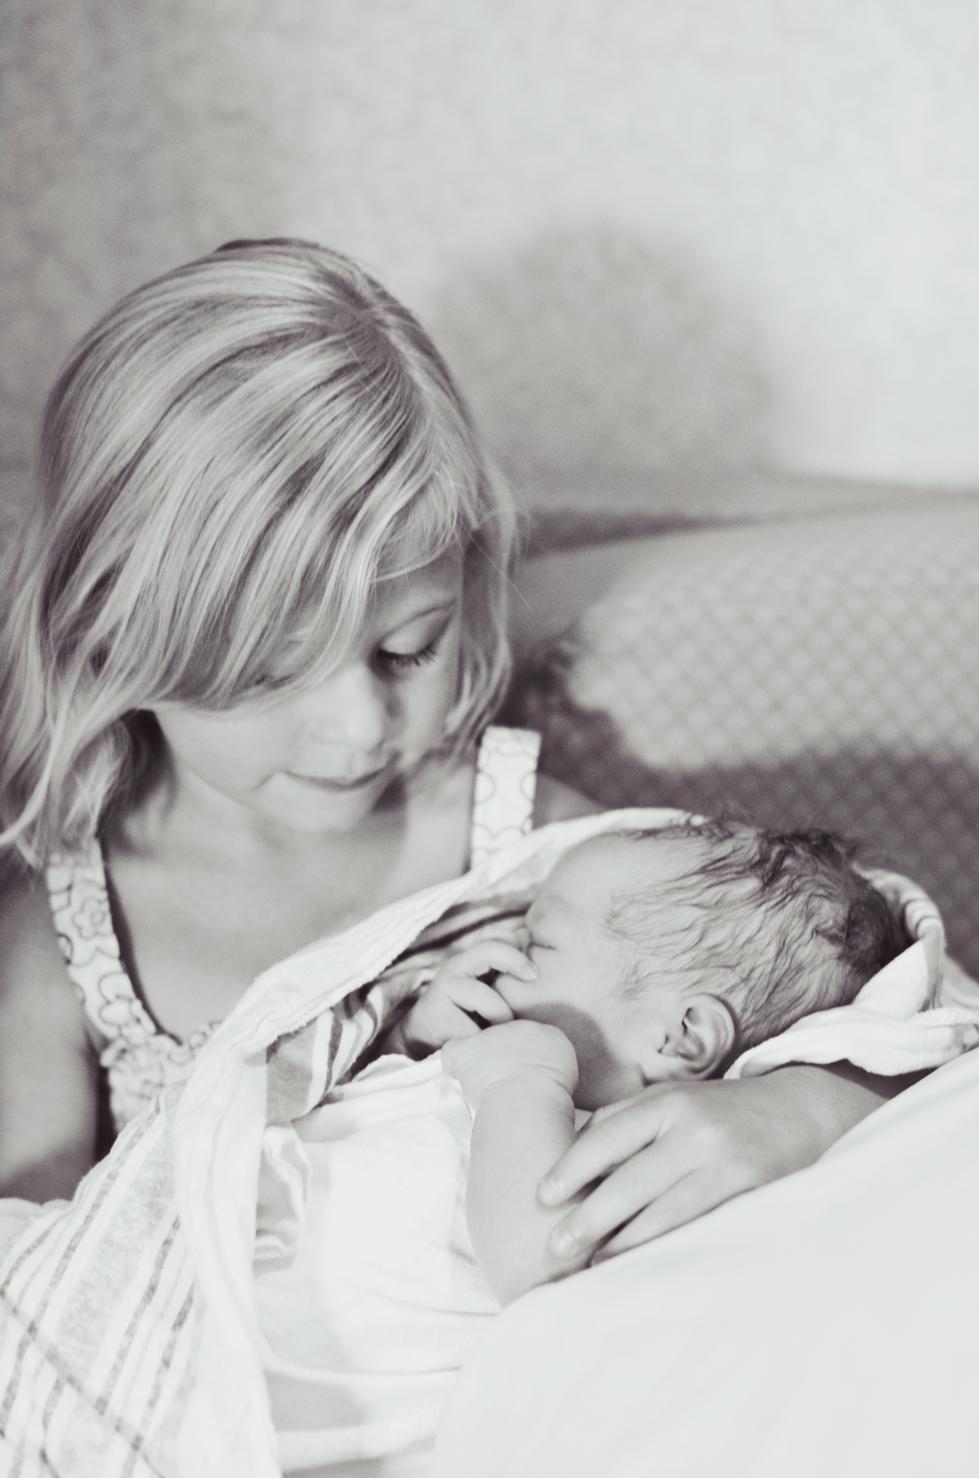 birth20120712_0158.jpg